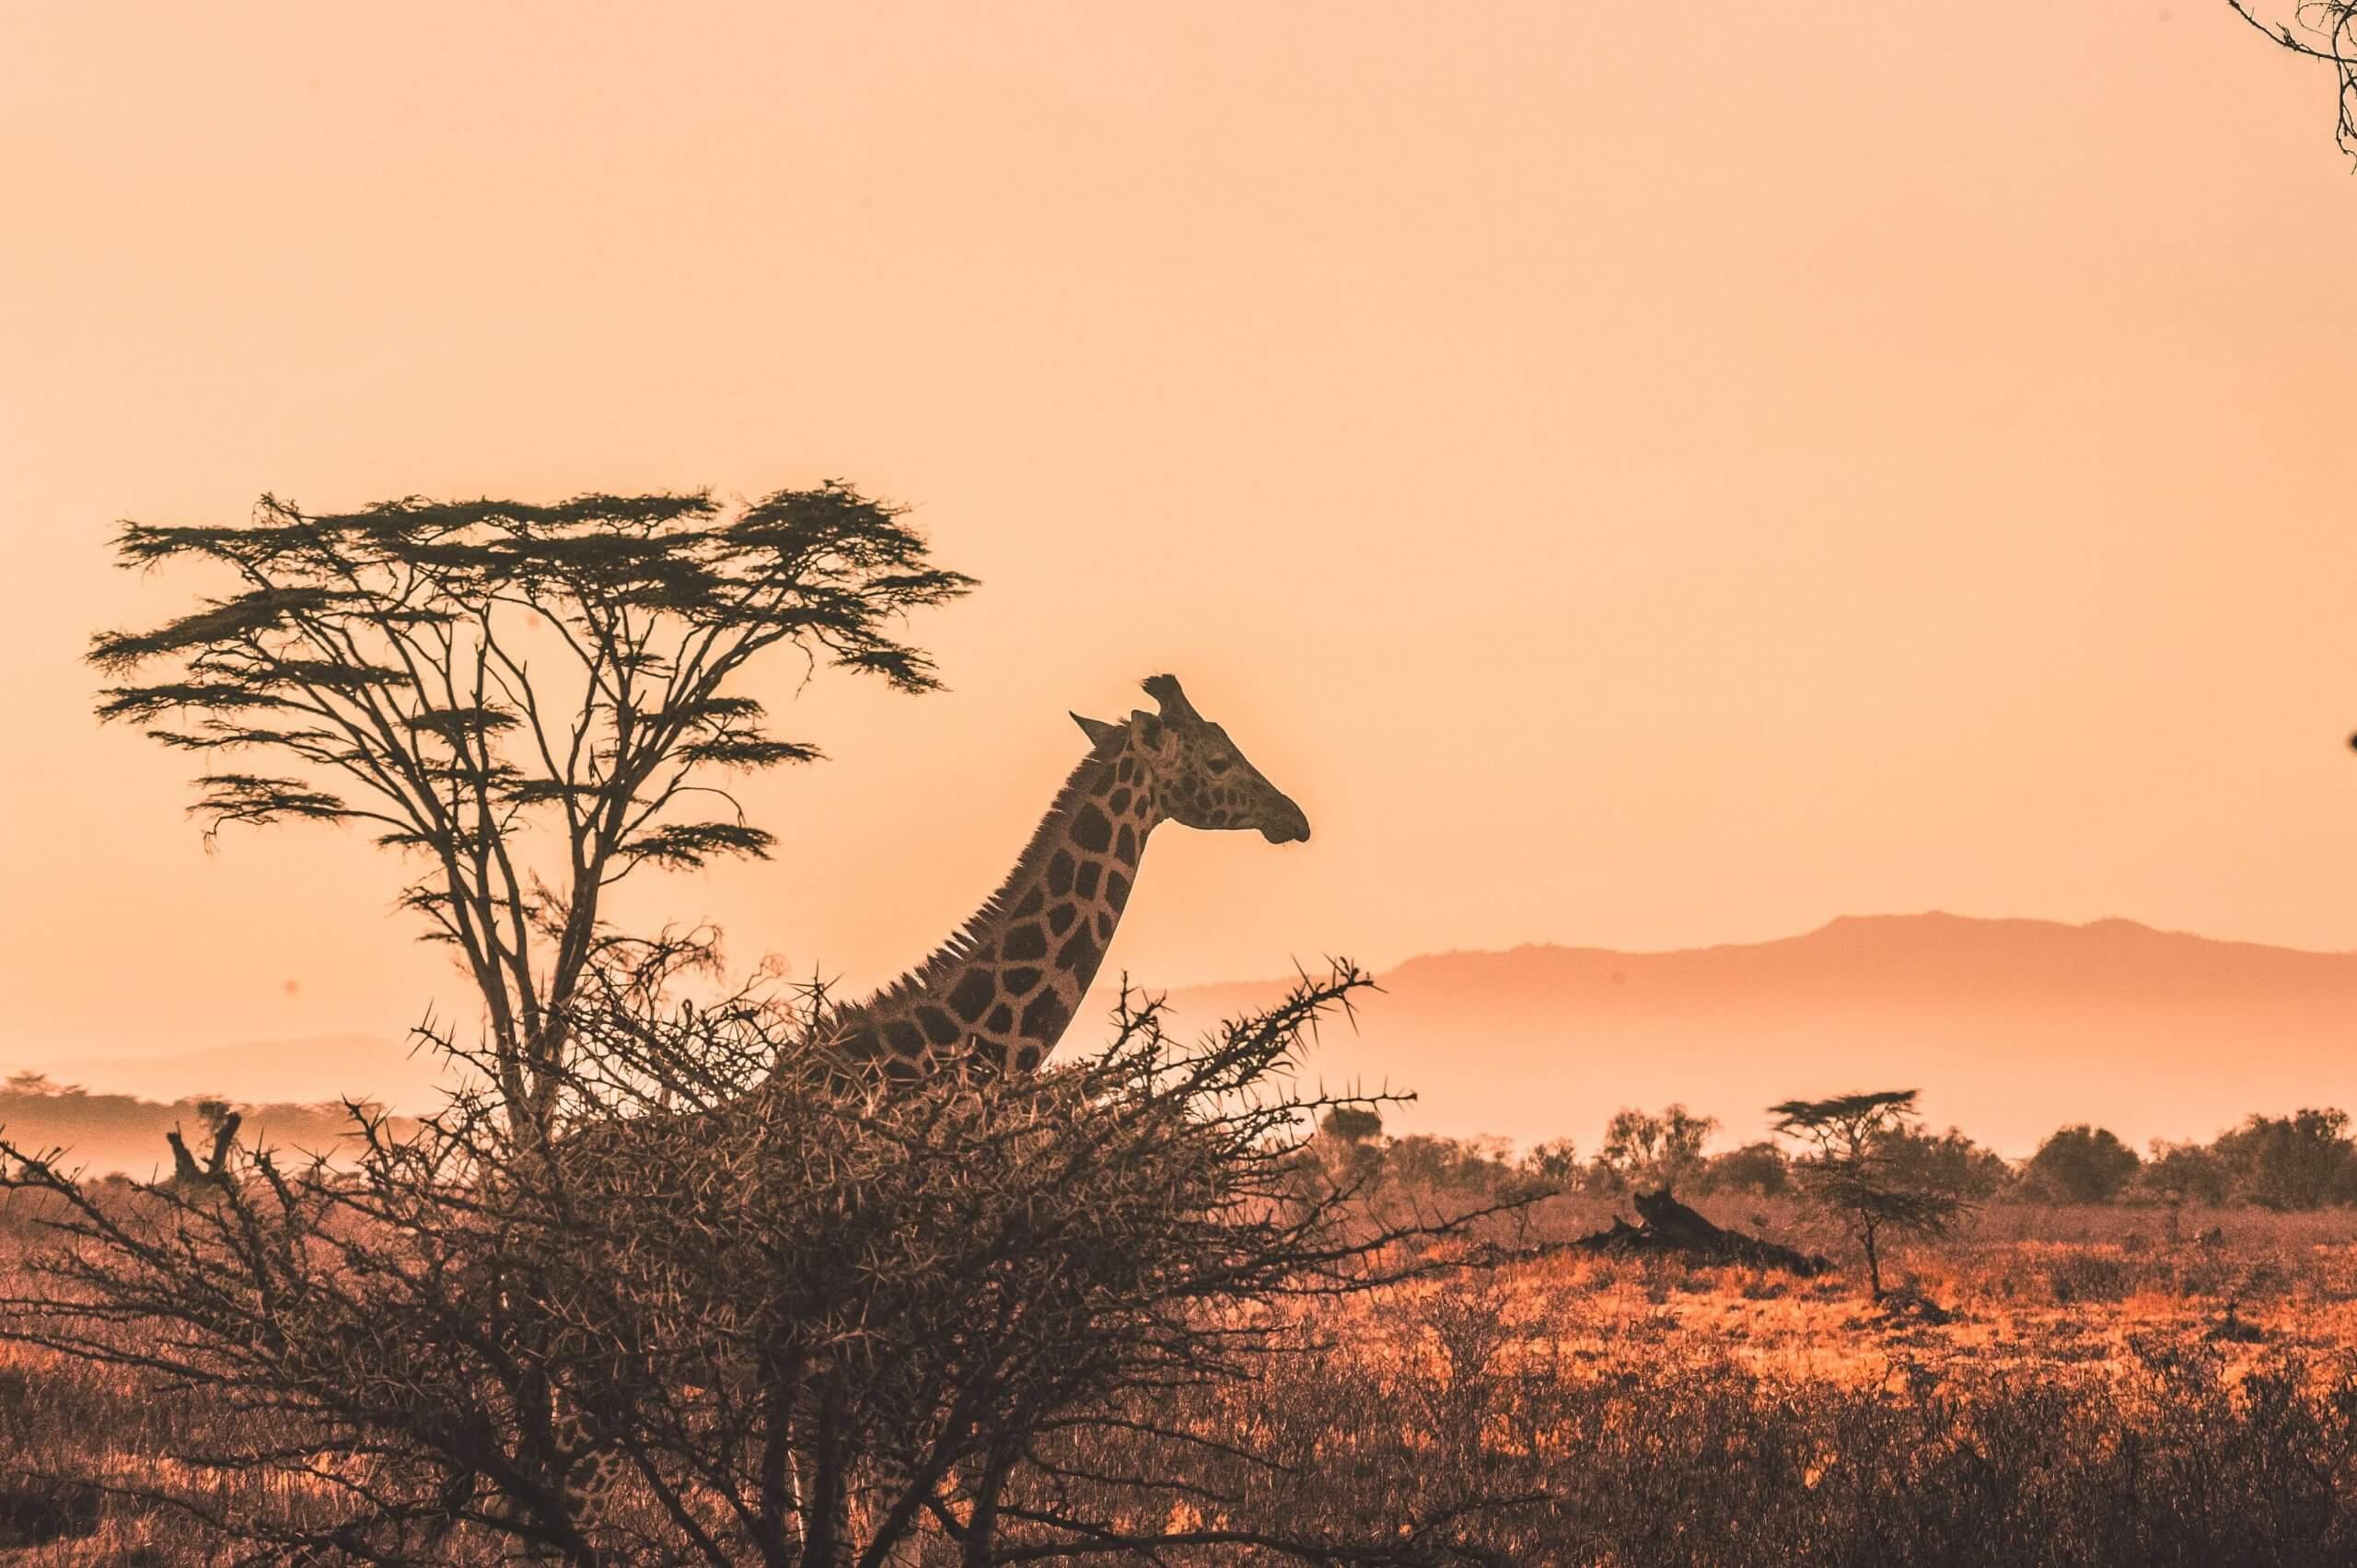 Екологічні проблеми Африки